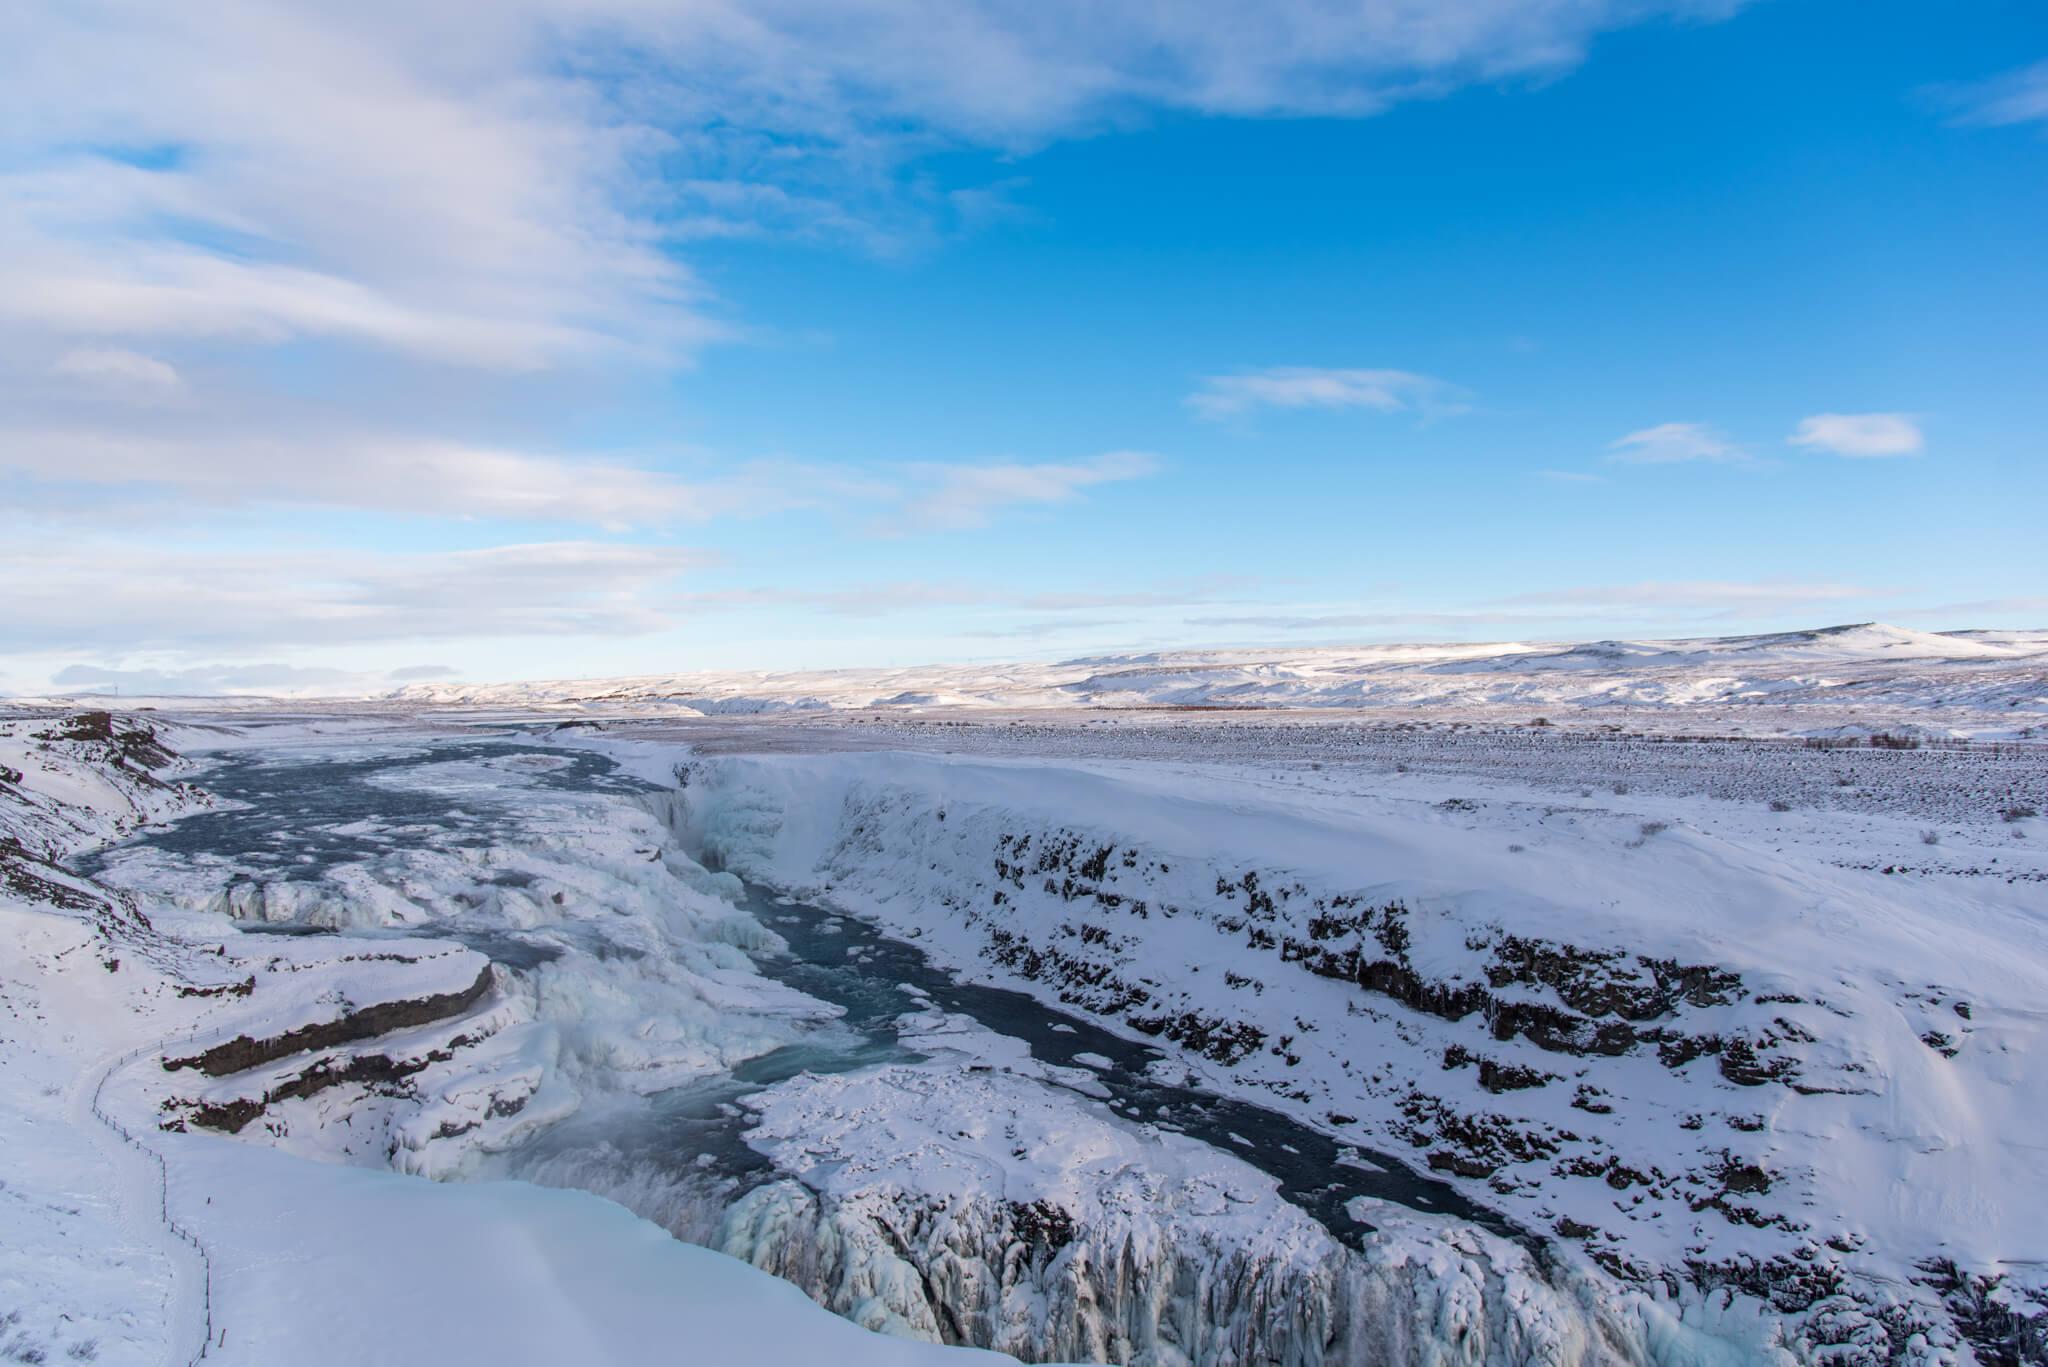 wasserfall berg schnee eis island wasser